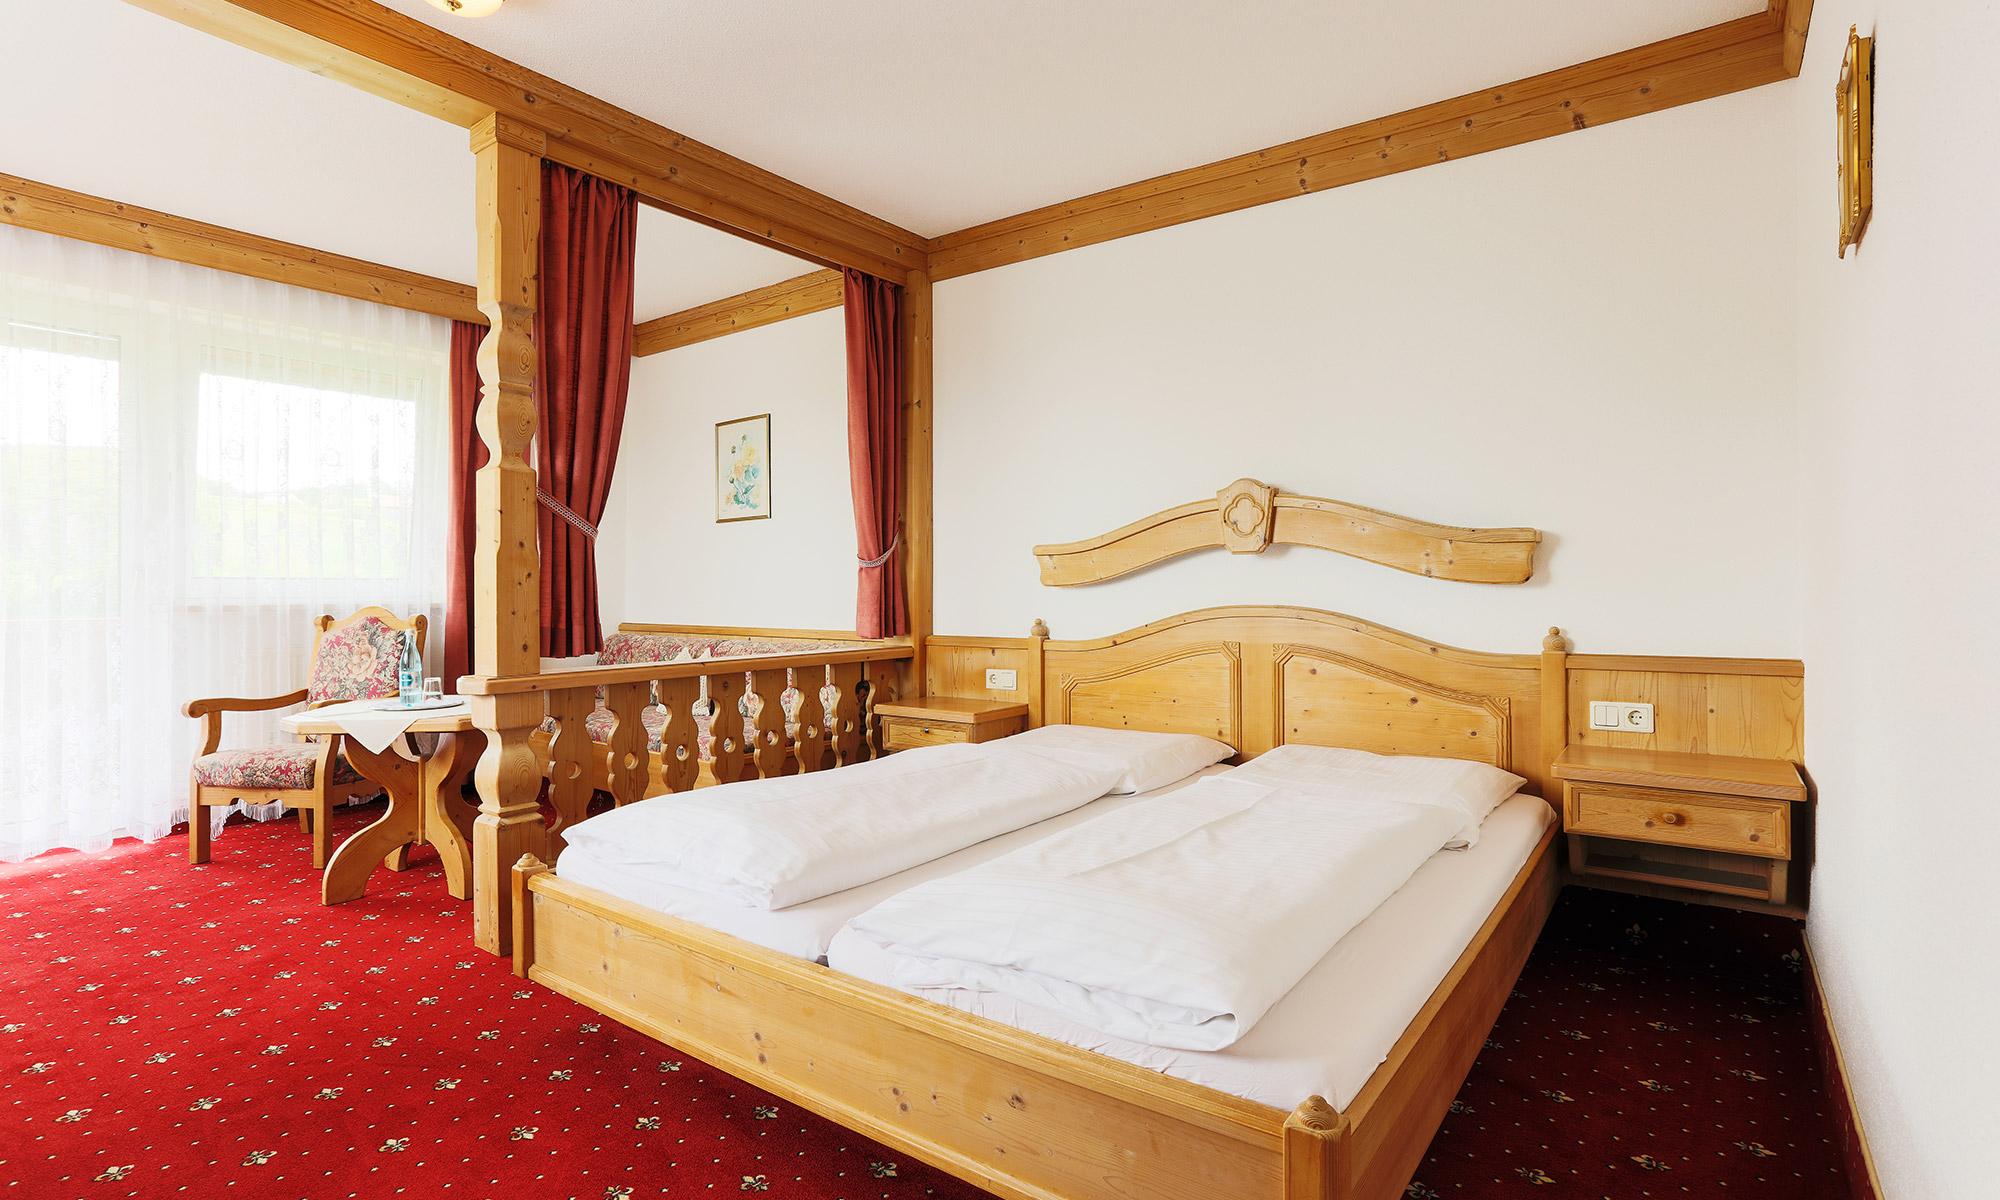 Komfort-Zimmer - Landhaus - (32 m²)